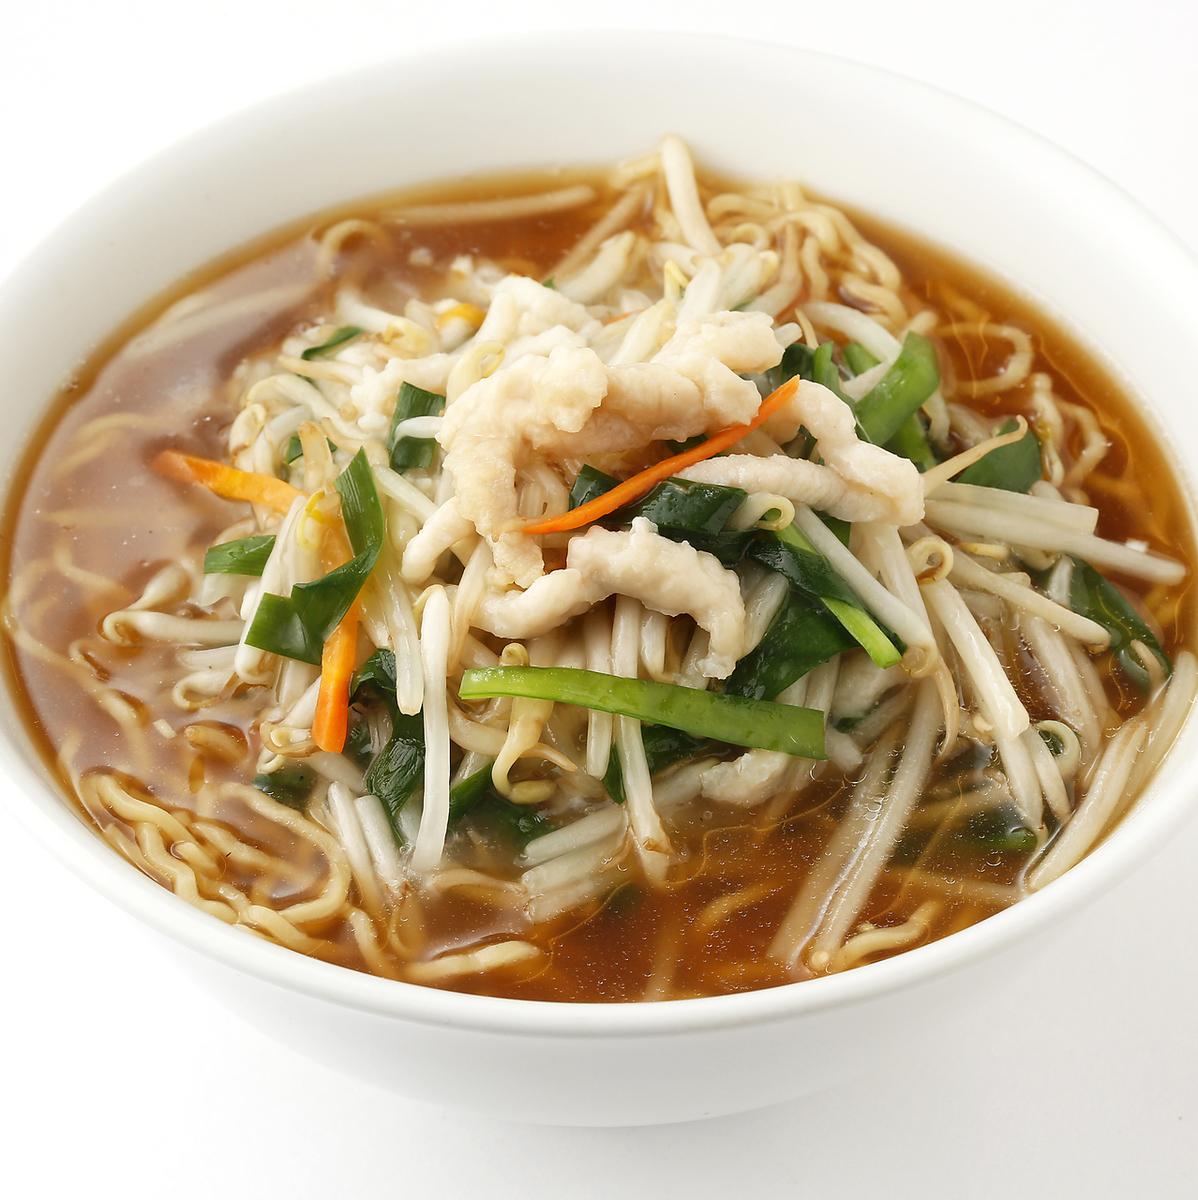 サンマー麺/サンラータン麺/マーボー麺